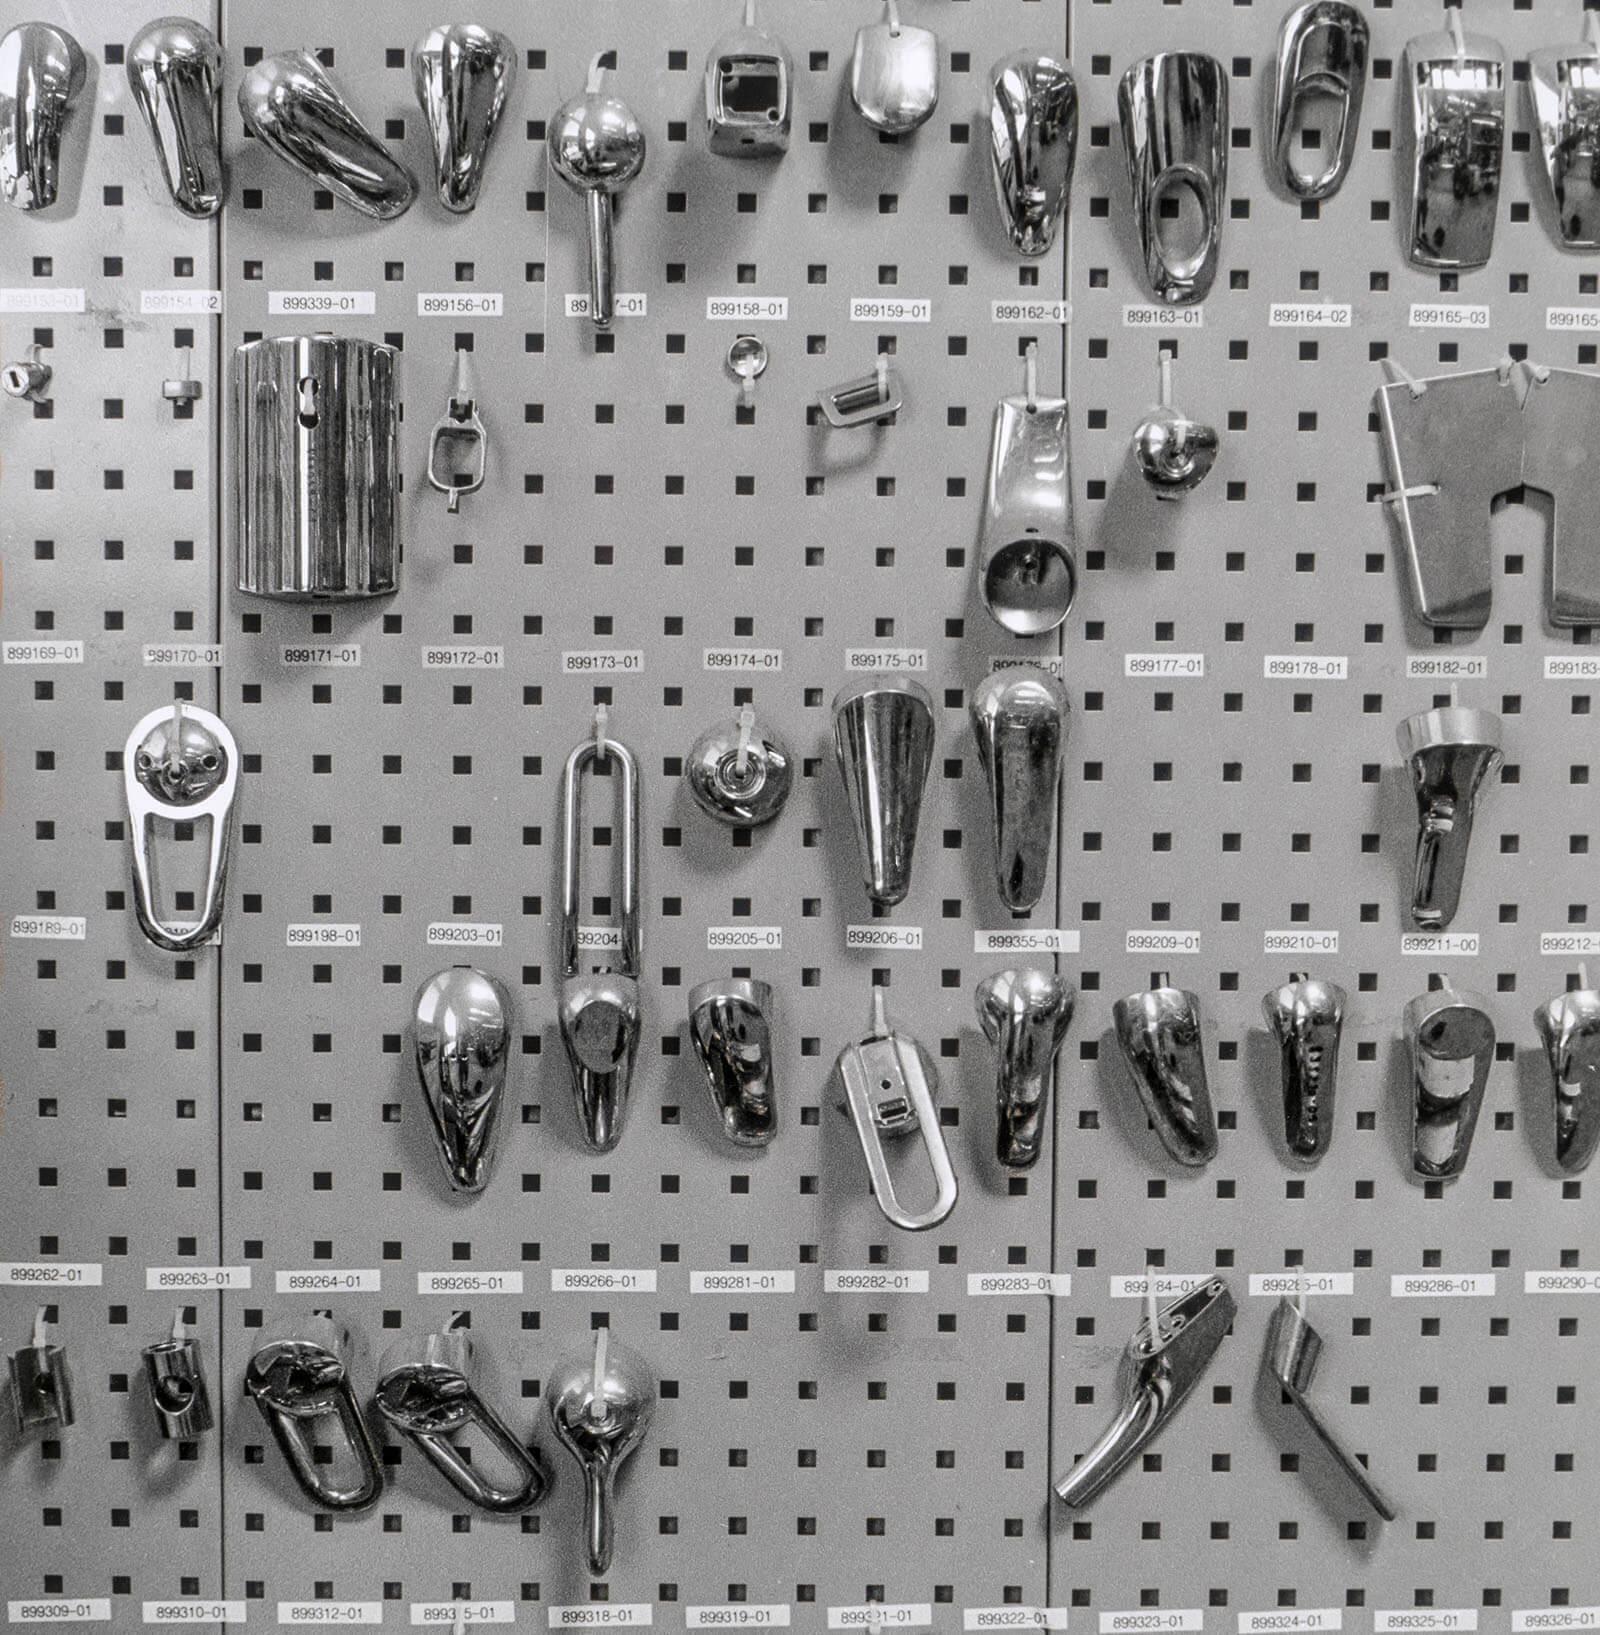 Bauteile aus Zinkdruckguss für die Sanitärindustrie